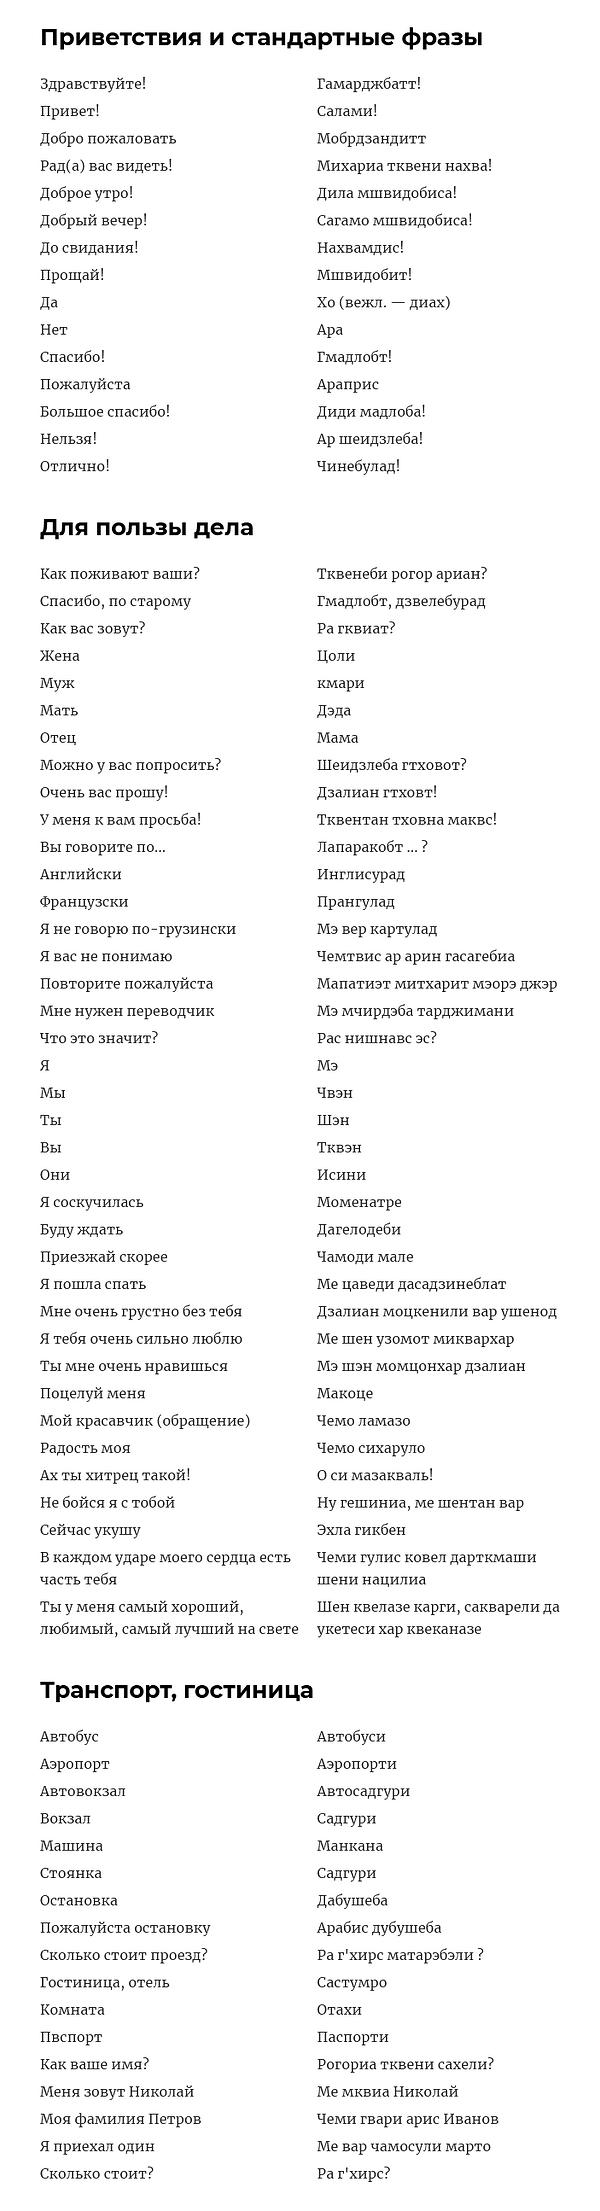 Русско-грузинский словарик | Адмирал+